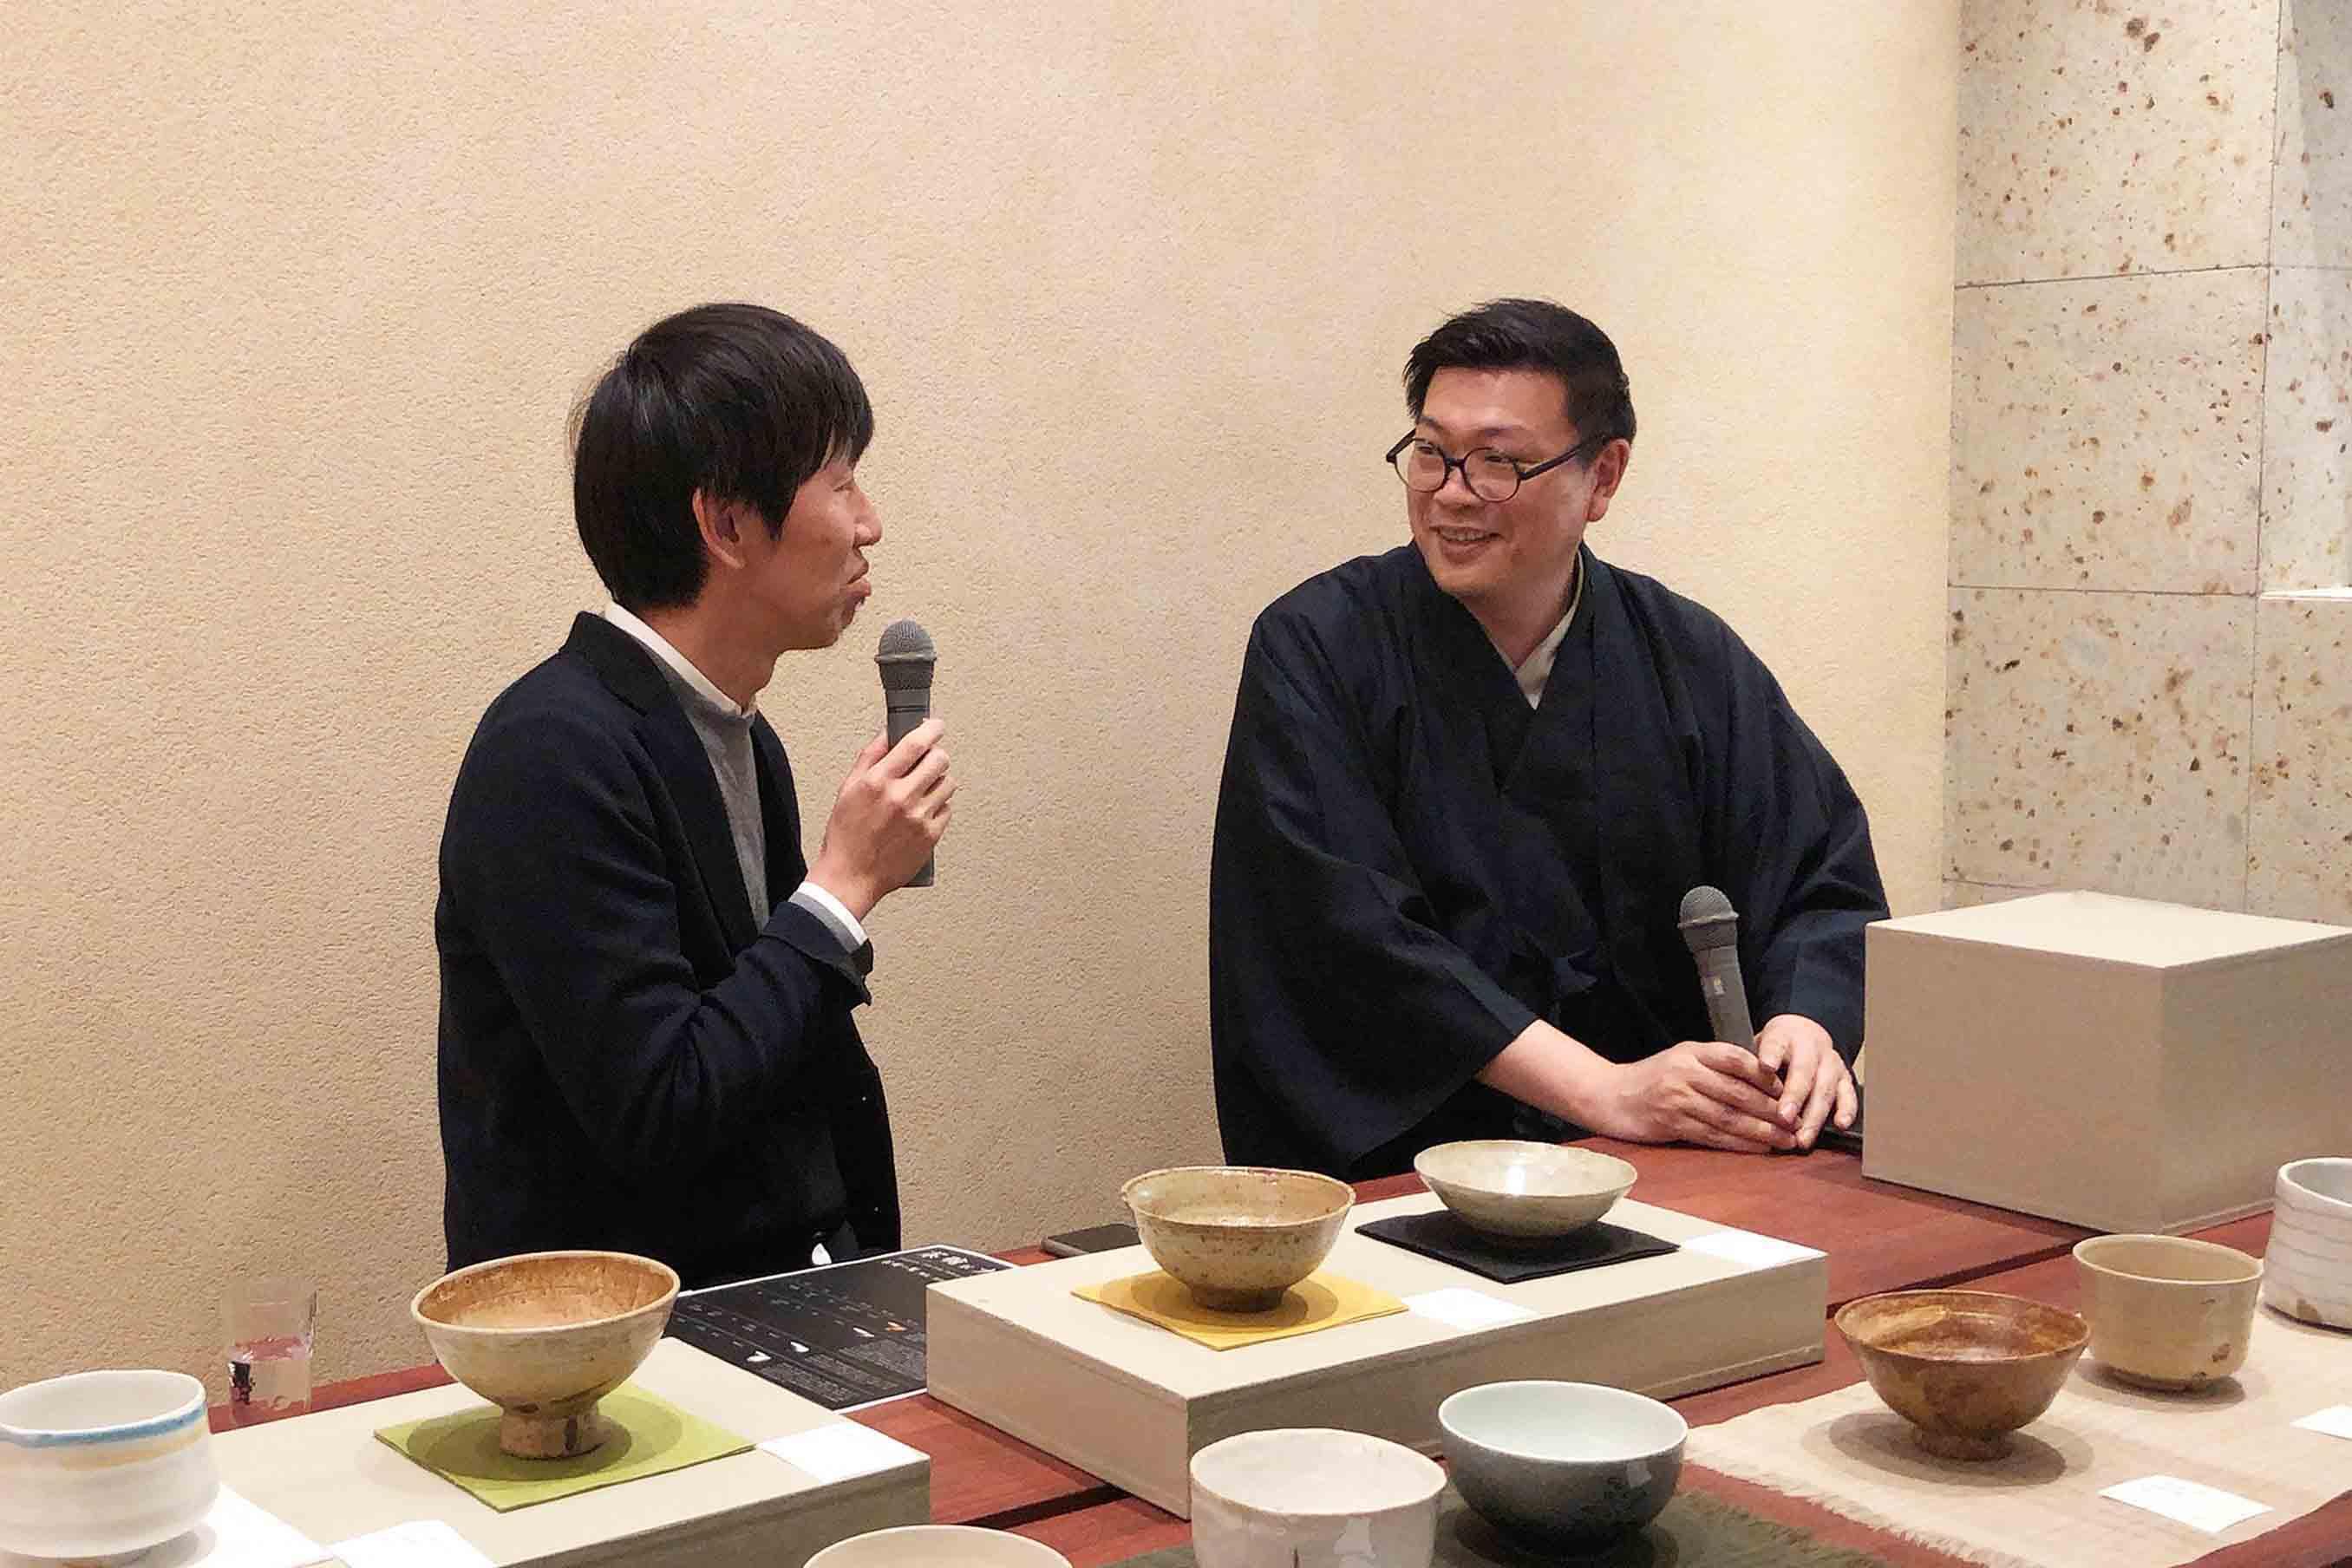 茶人・木村宗慎氏 (右) と中川政七商店十三代・中川政七氏 (左)